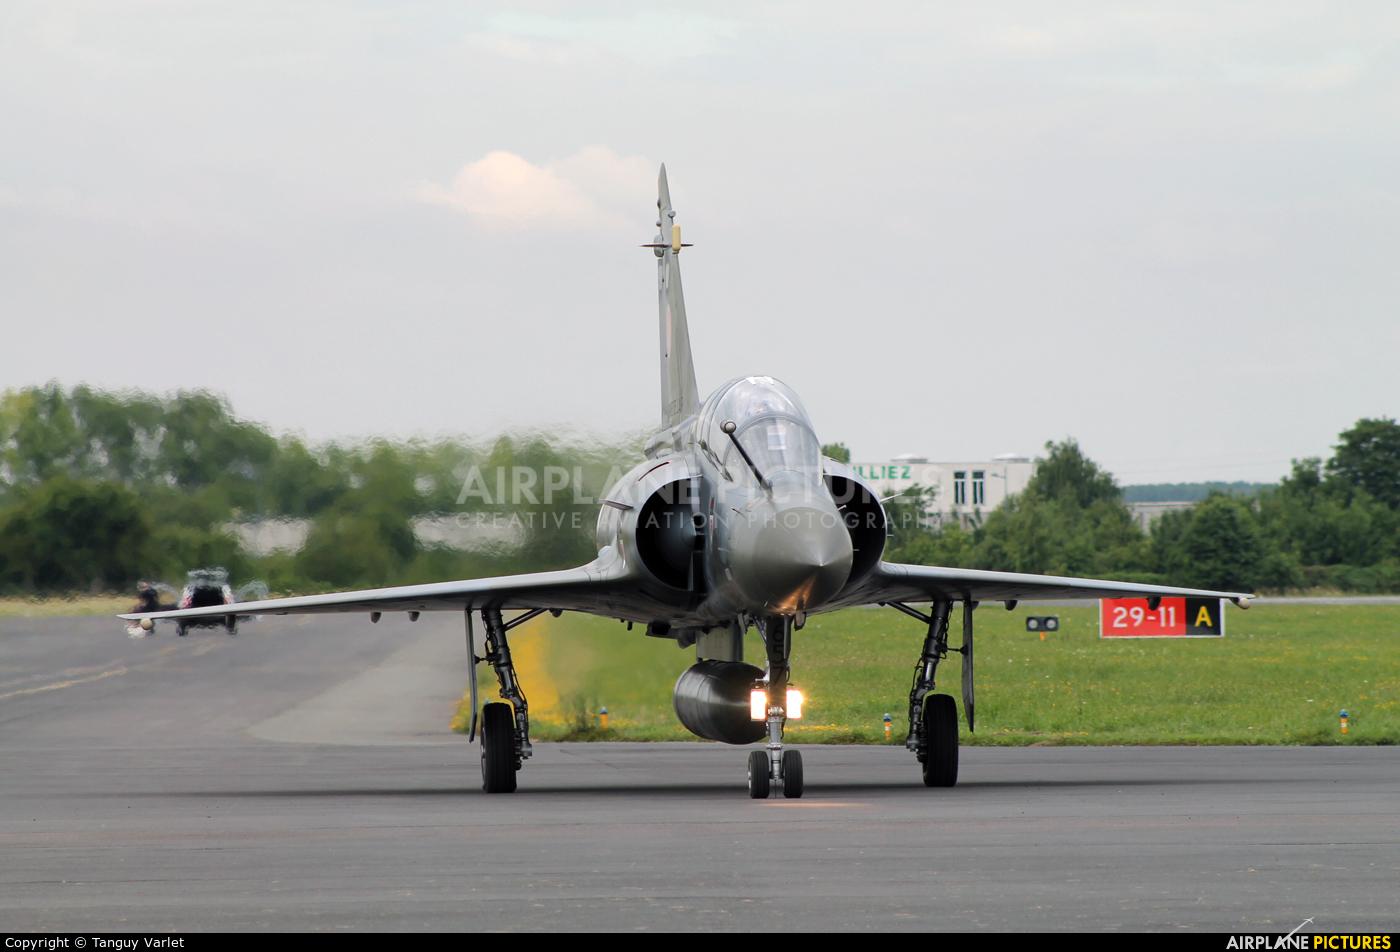 France - Air Force 657 aircraft at Valenciennes - Denain